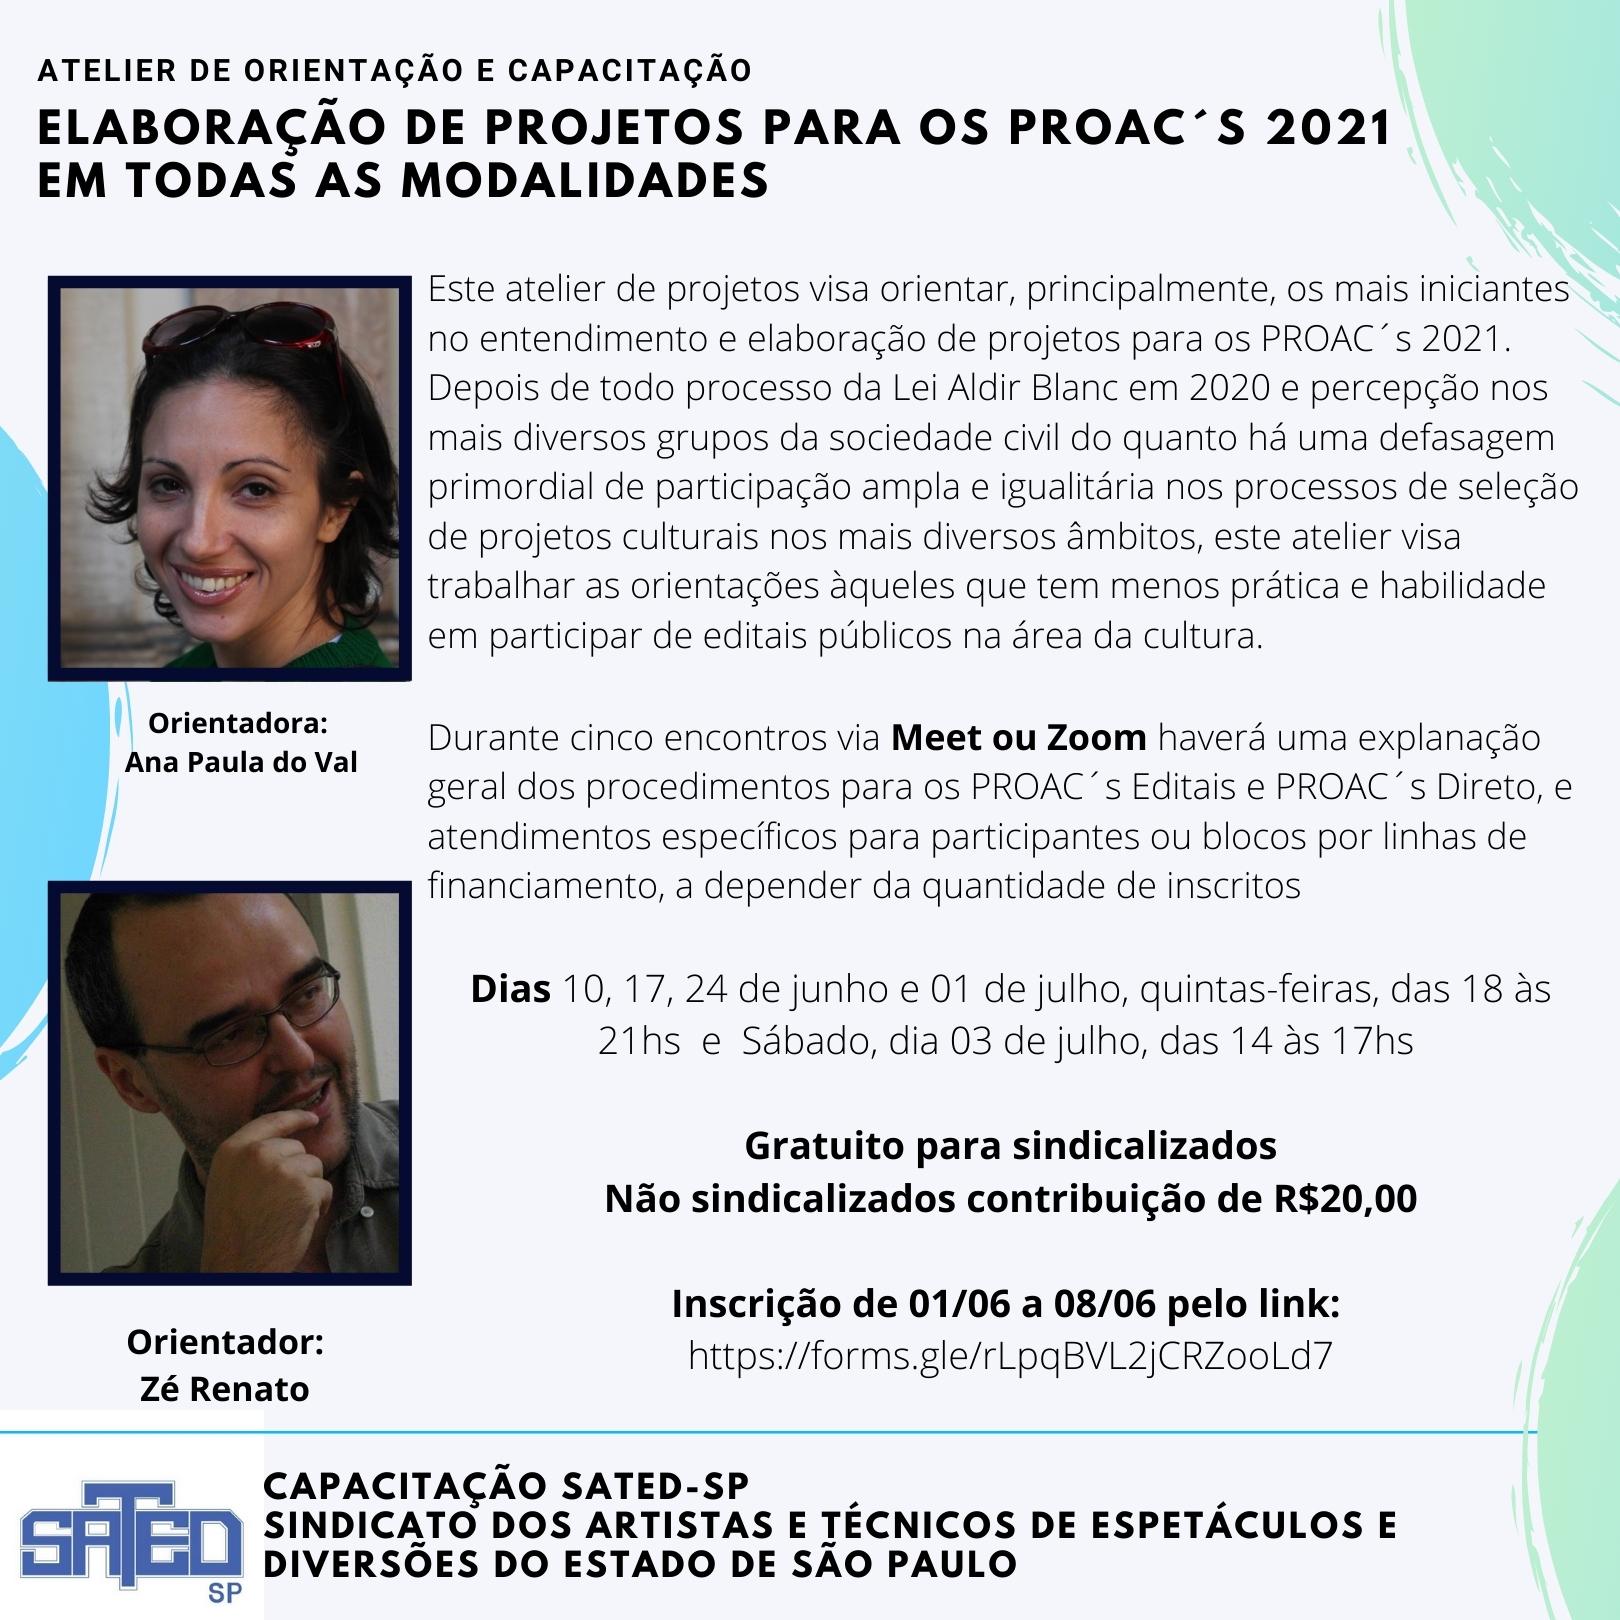 CAPACITAÇÃO SATED-SP: Atelier de orientação na elaboração de projetos para os PROAC´s 2021  em todas as modalidades